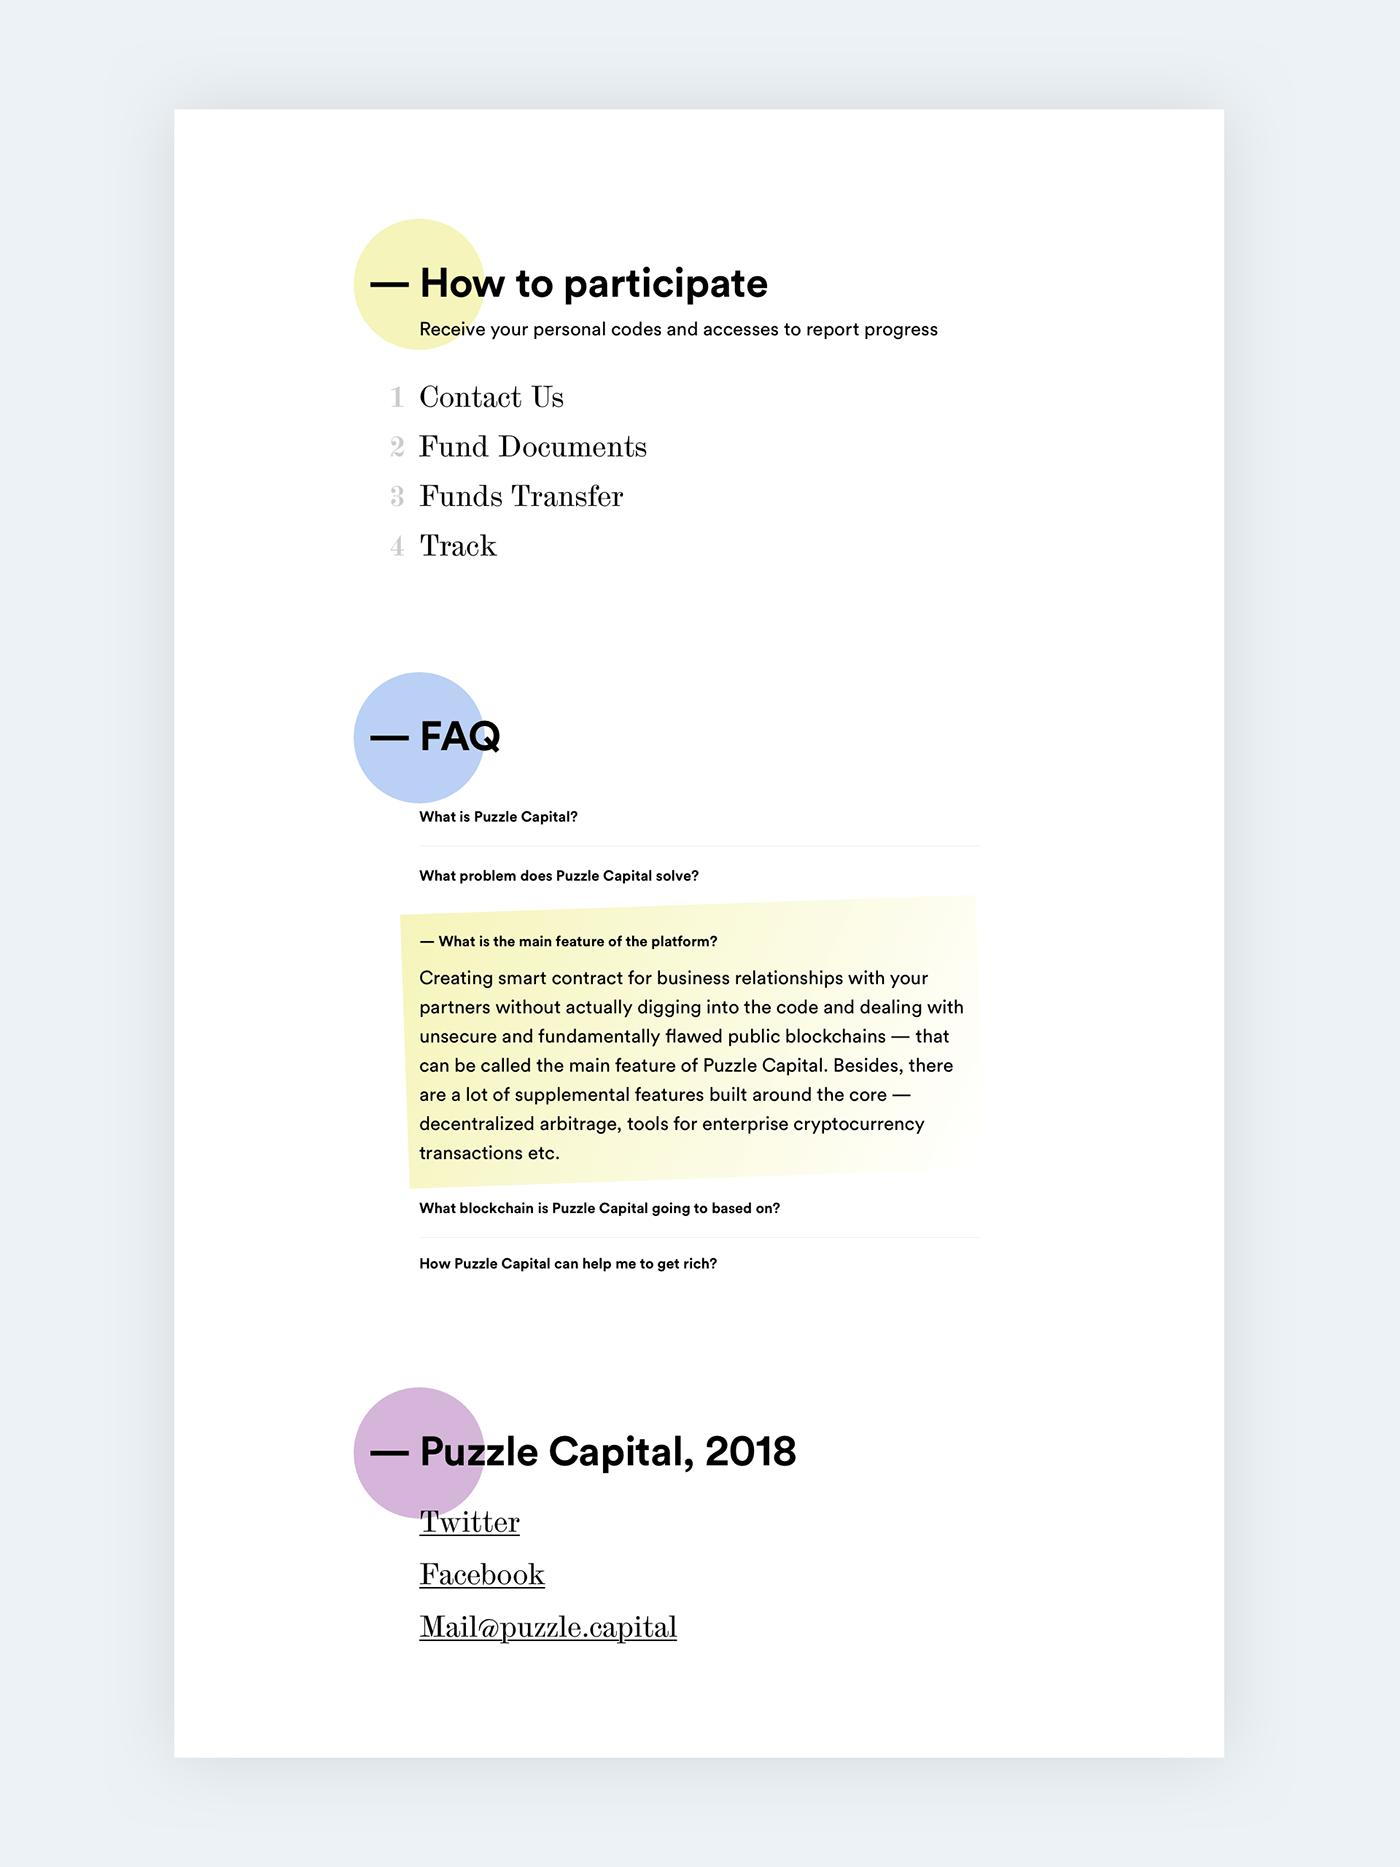 Website landing landing page gradient Fintech clean Clean Design Web